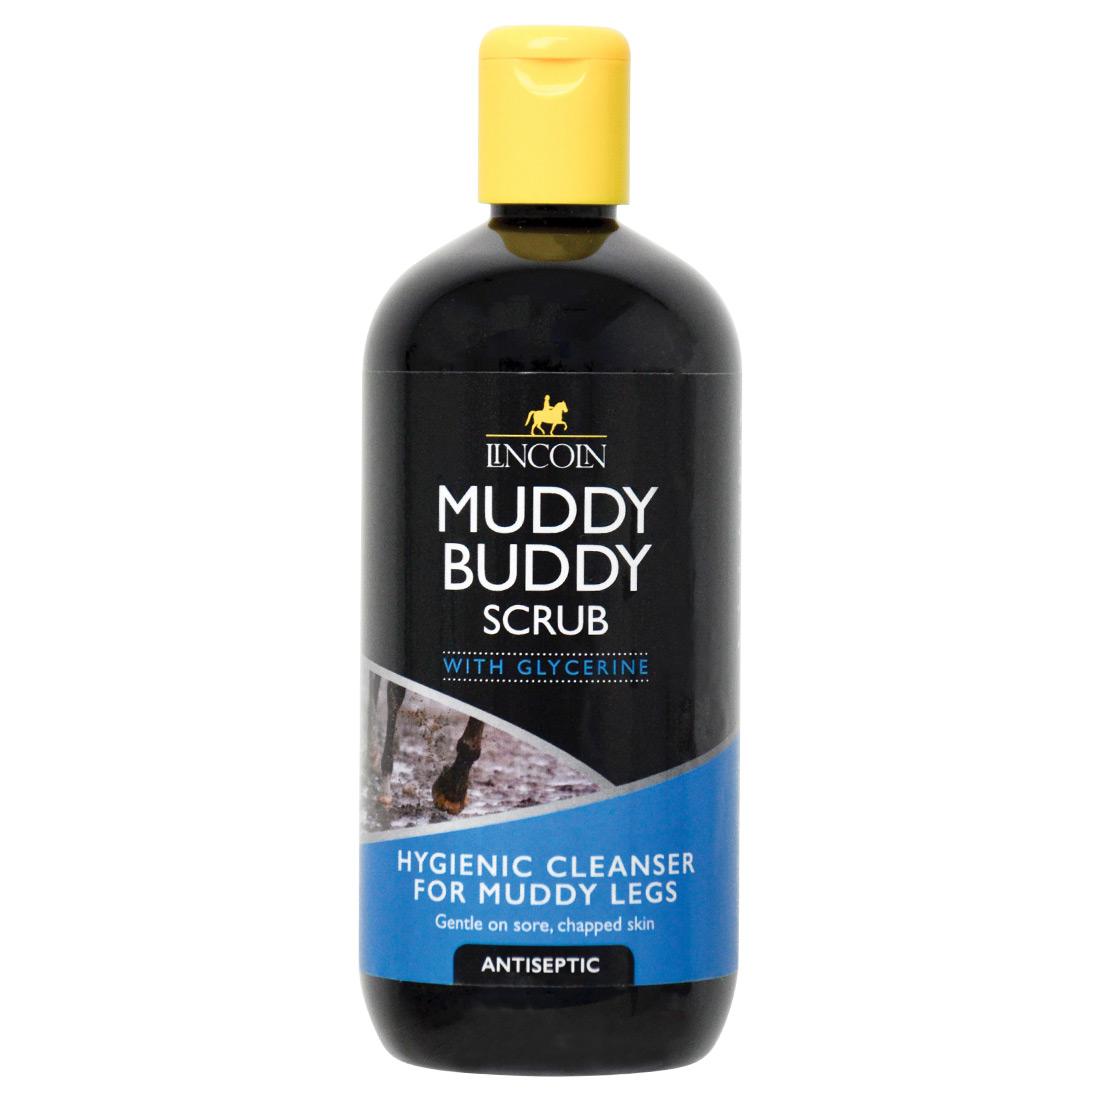 Lincoln Antiseptic Muddy Buddy Scrub